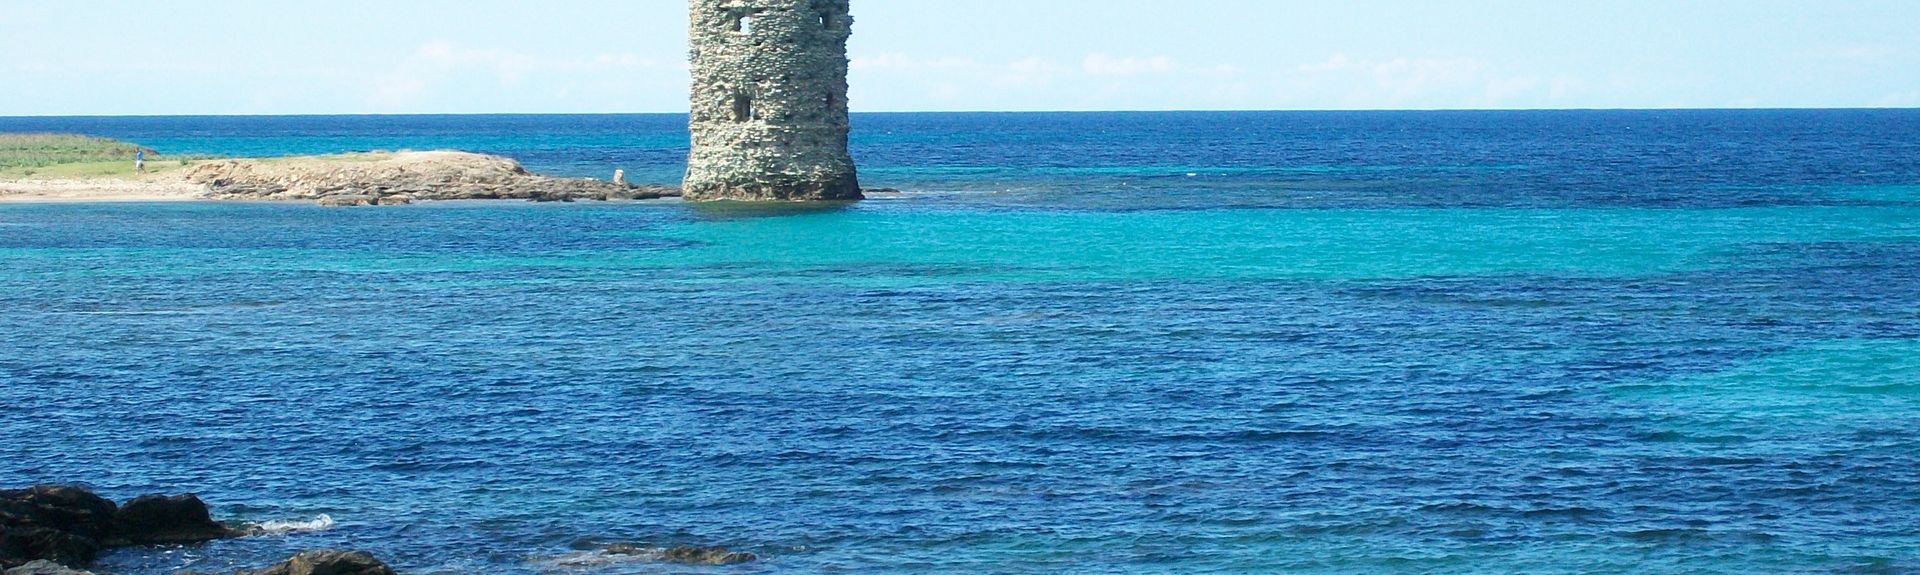 Volpajola, Haute-Corse, Frankreich